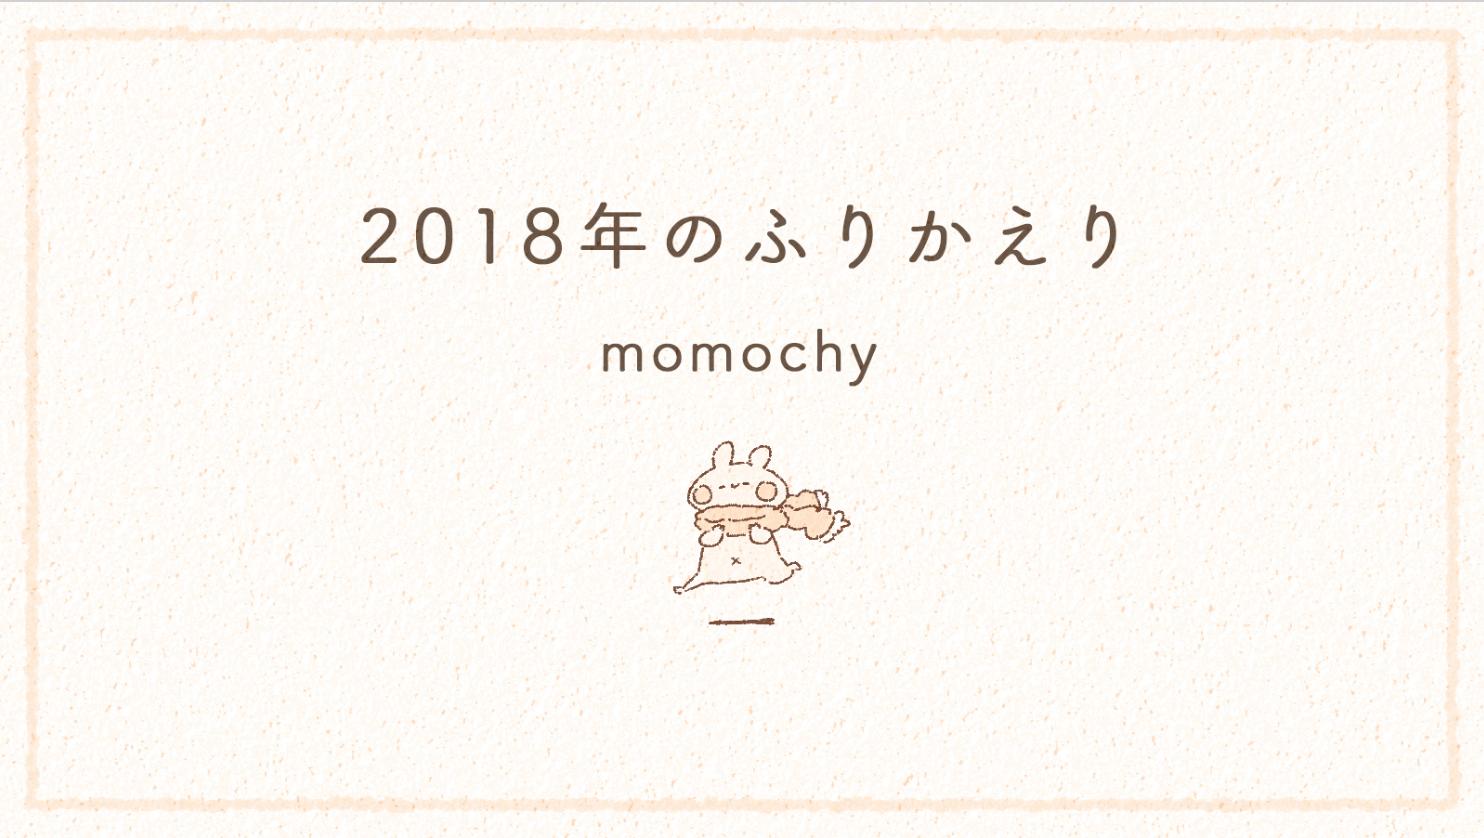 スクリーンショット 2018-12-28 23.50.05